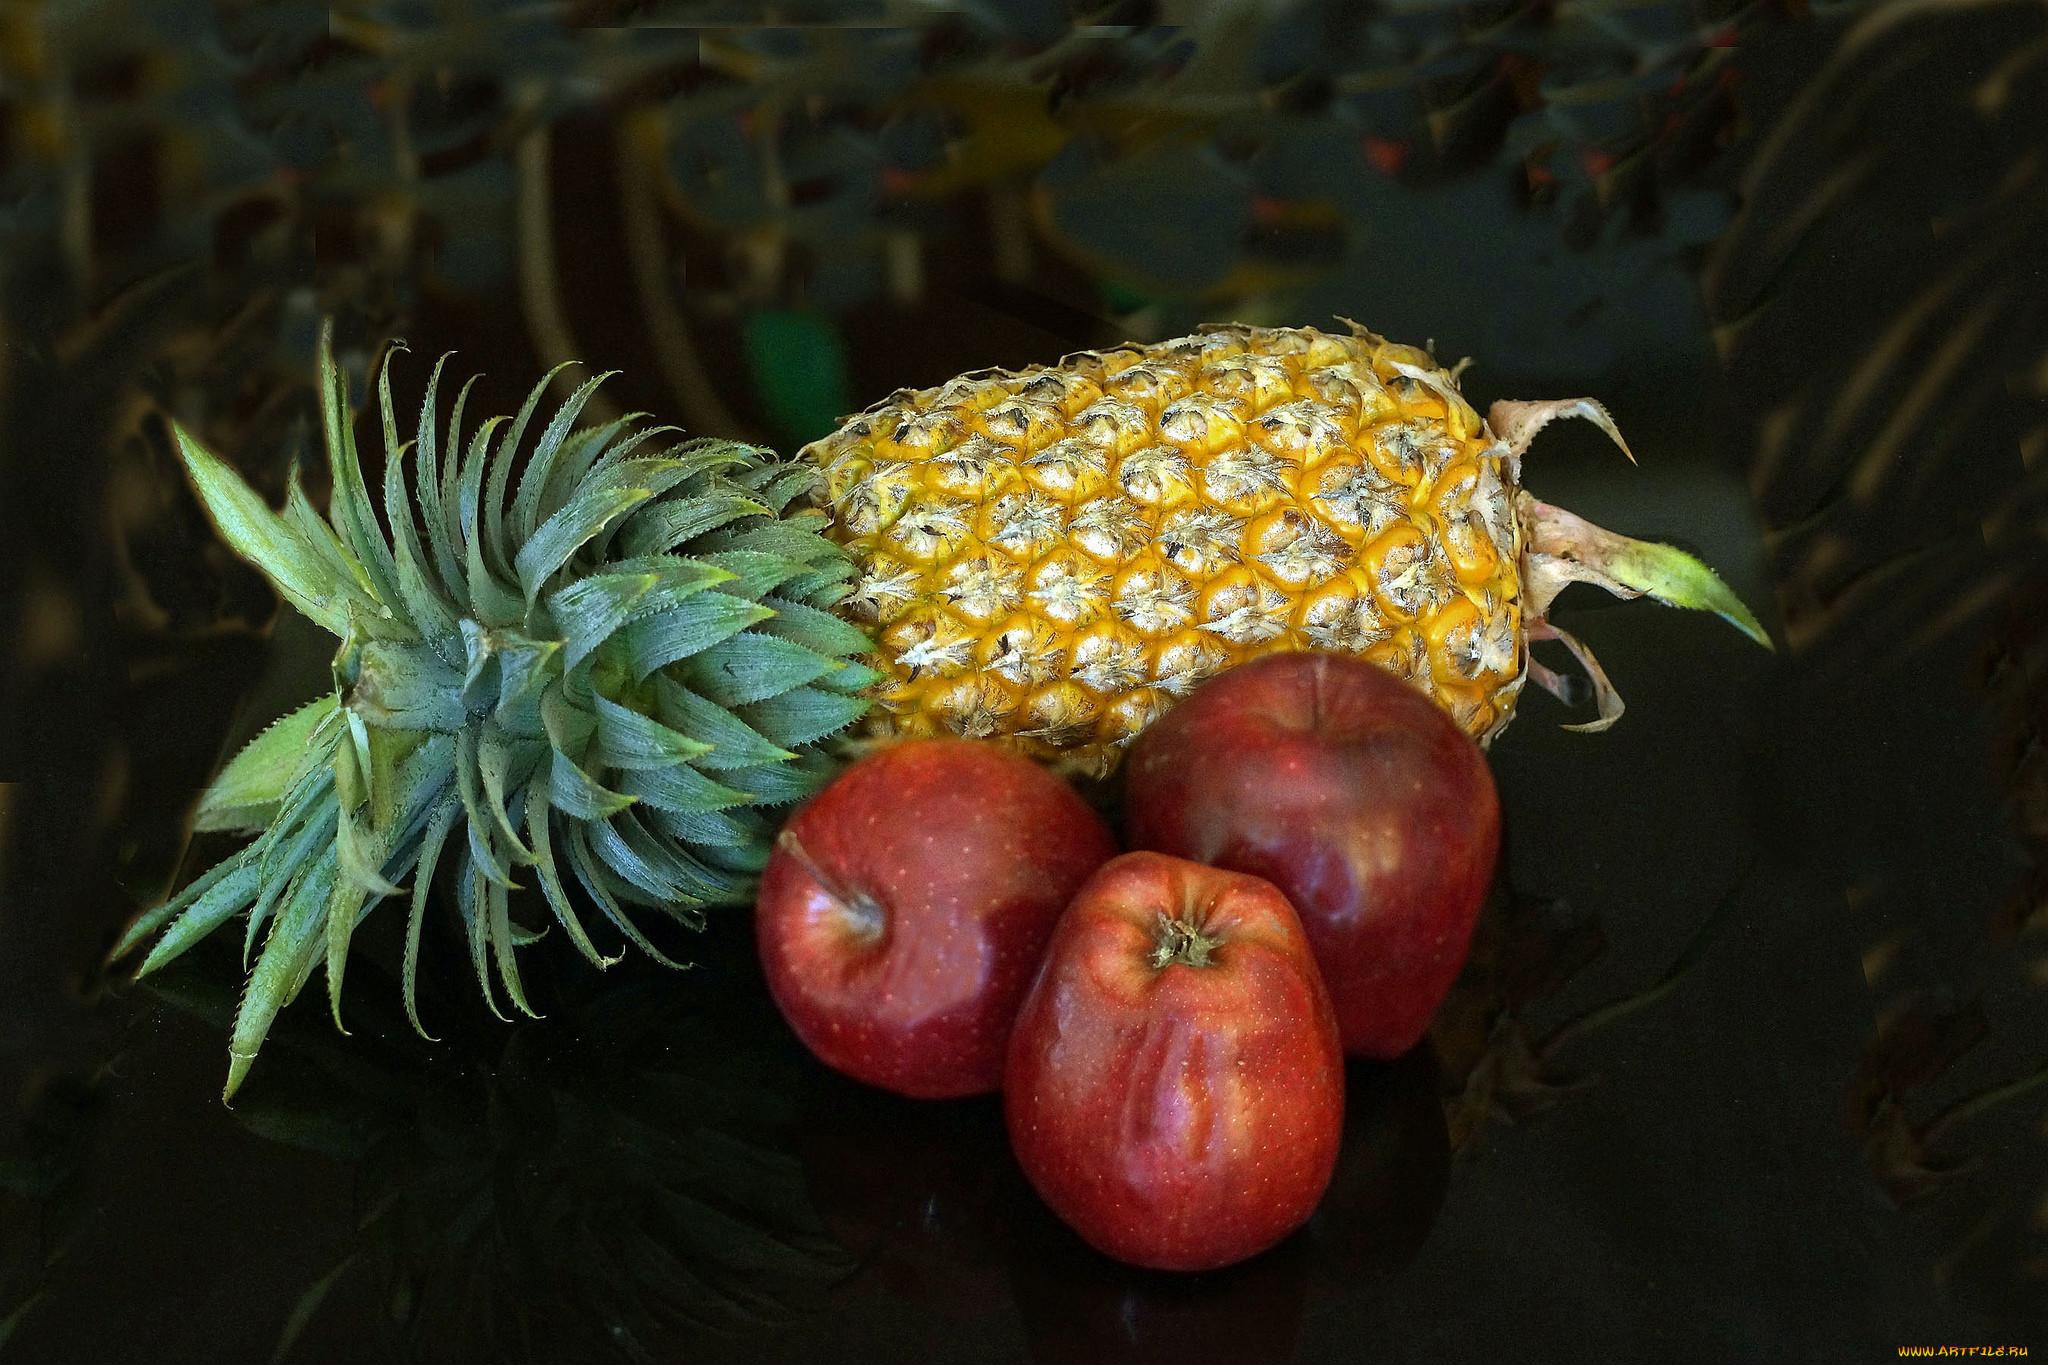 пока яблоки и ананасы картинки пончиков тыквы